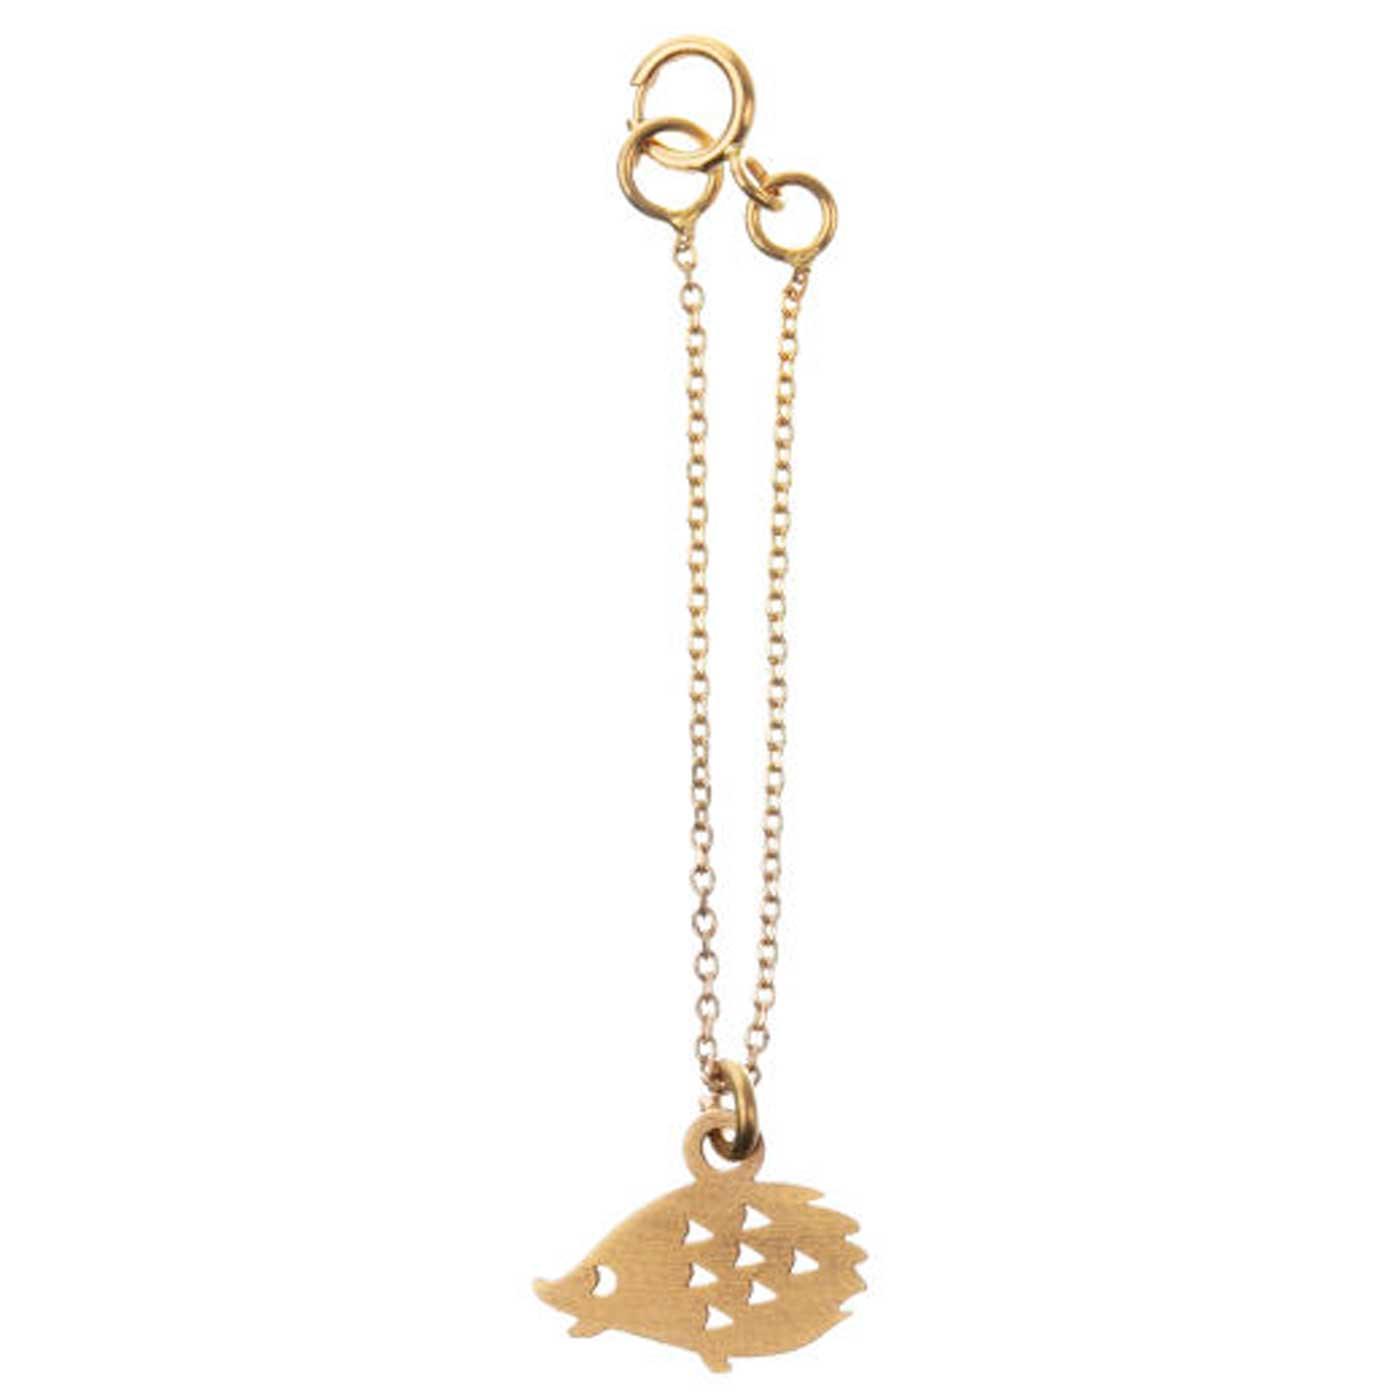 آویز ساعت طلا 18 عیار زنانه کانیار گالری کد AS126 -  - 1